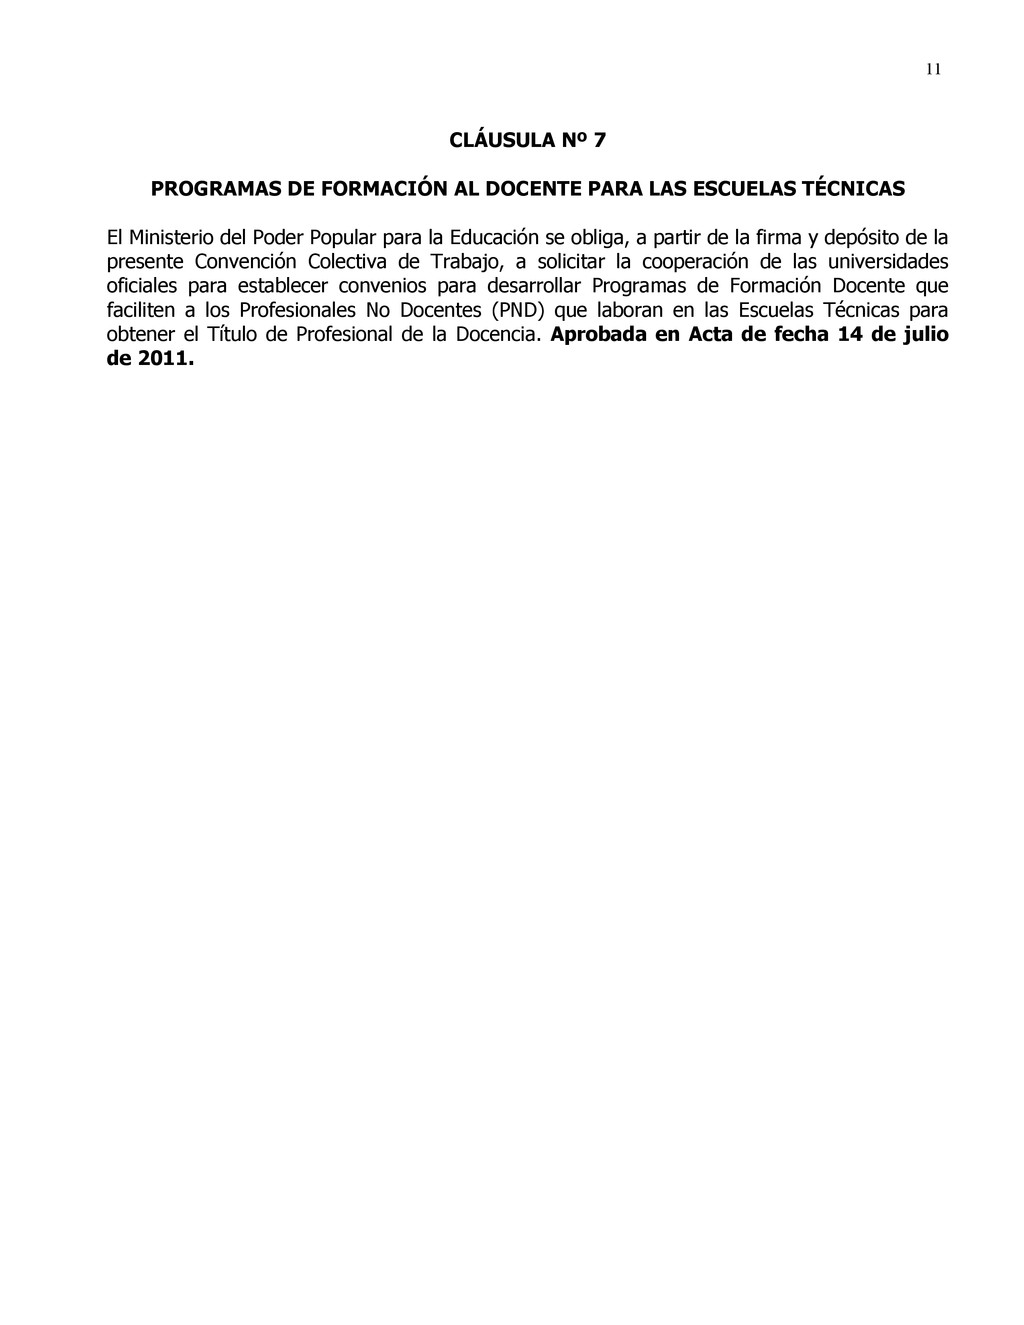 11 CLÁUSULA Nº 7 PROGRAMAS DE FORMACIÓN AL DOCE...